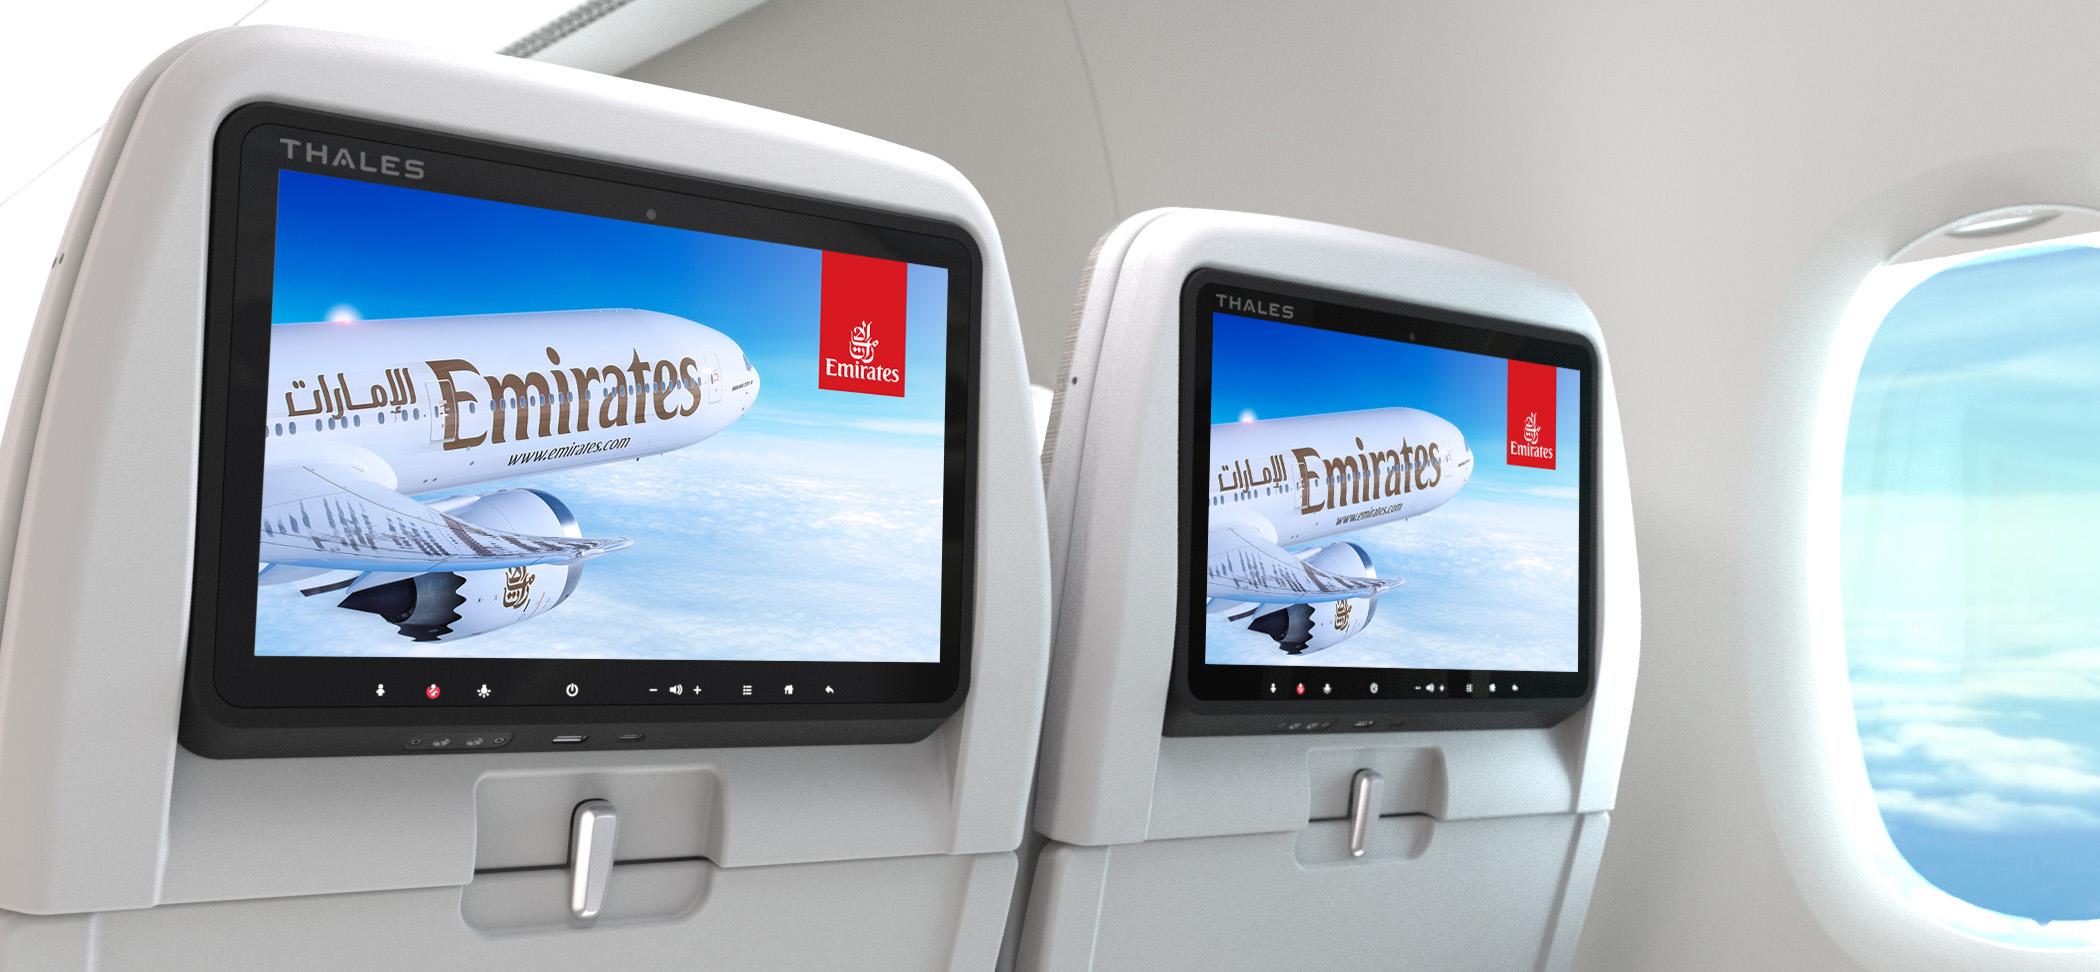 Det nye Thales-underholdningssytem. Foto: Emirates